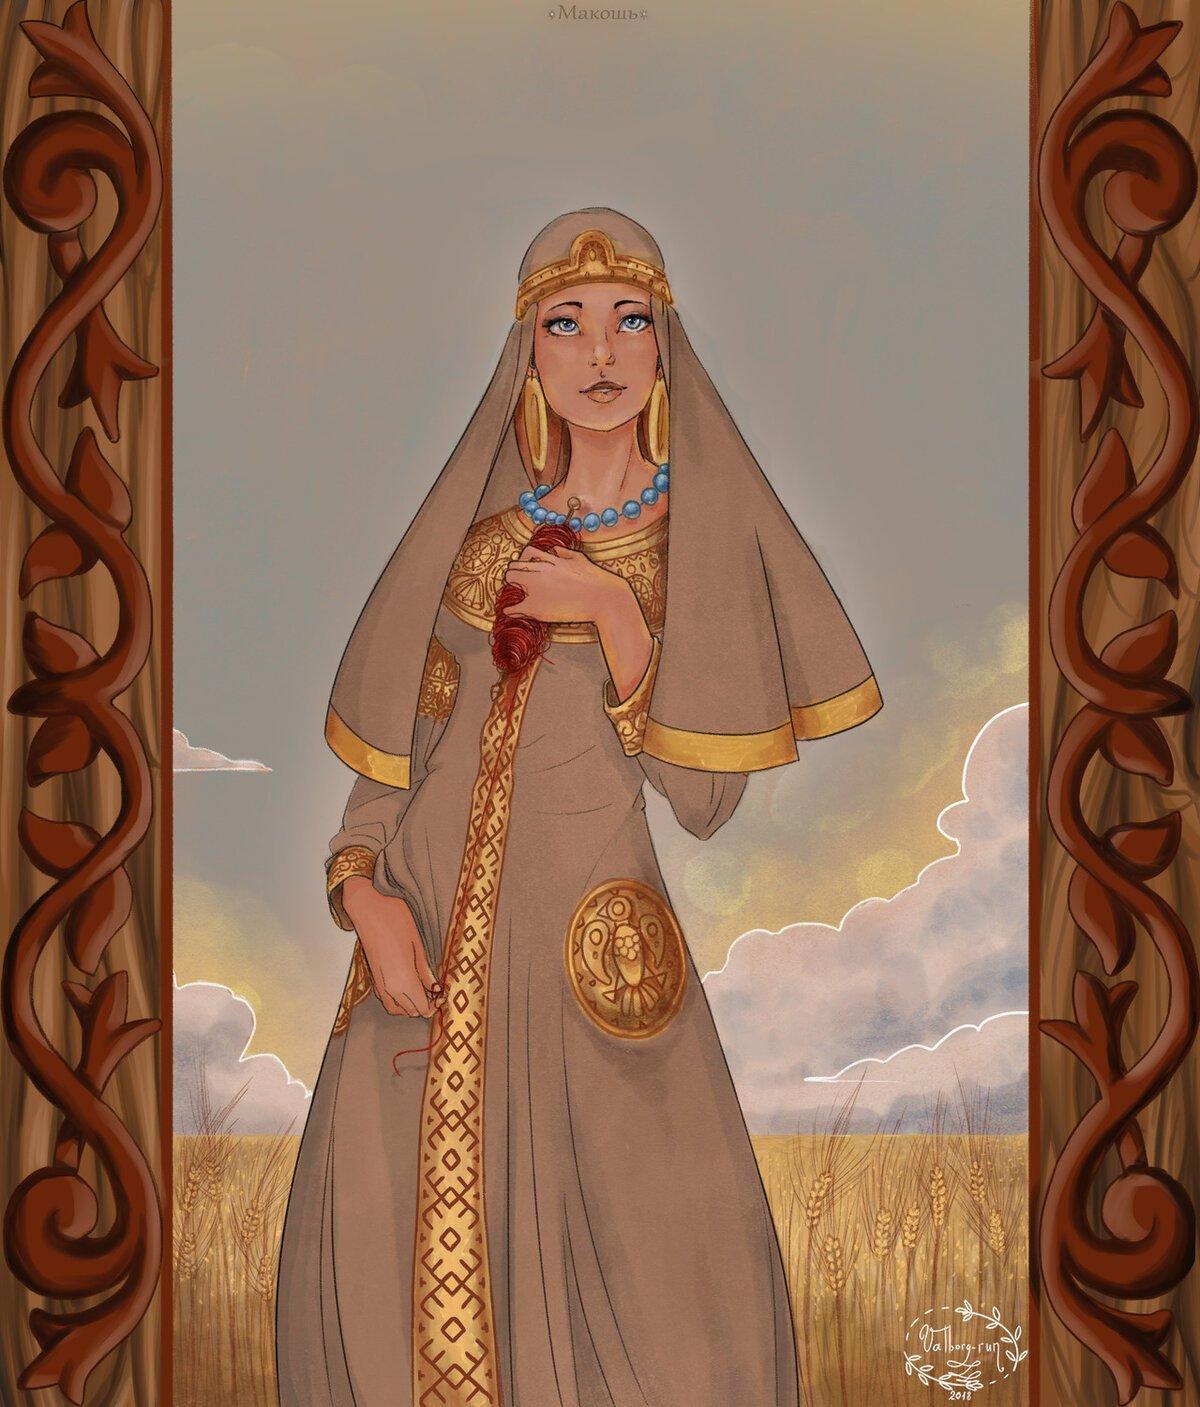 Макоша богиня